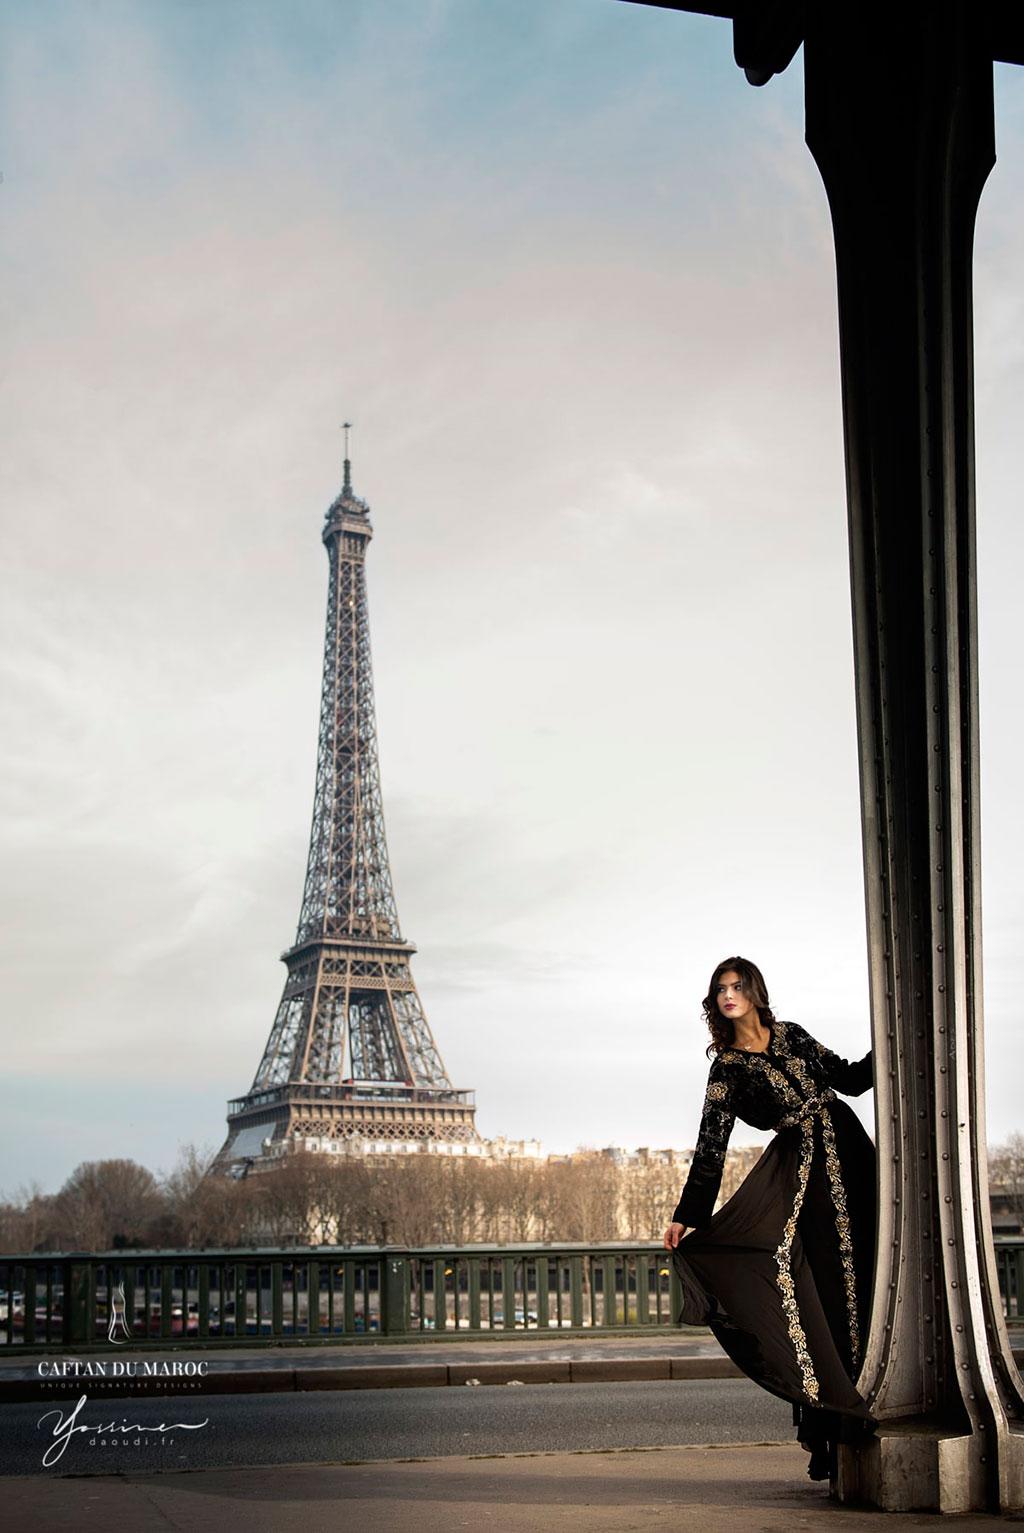 Le monde de la mode parisien a été conquis par cette tradition marocaine